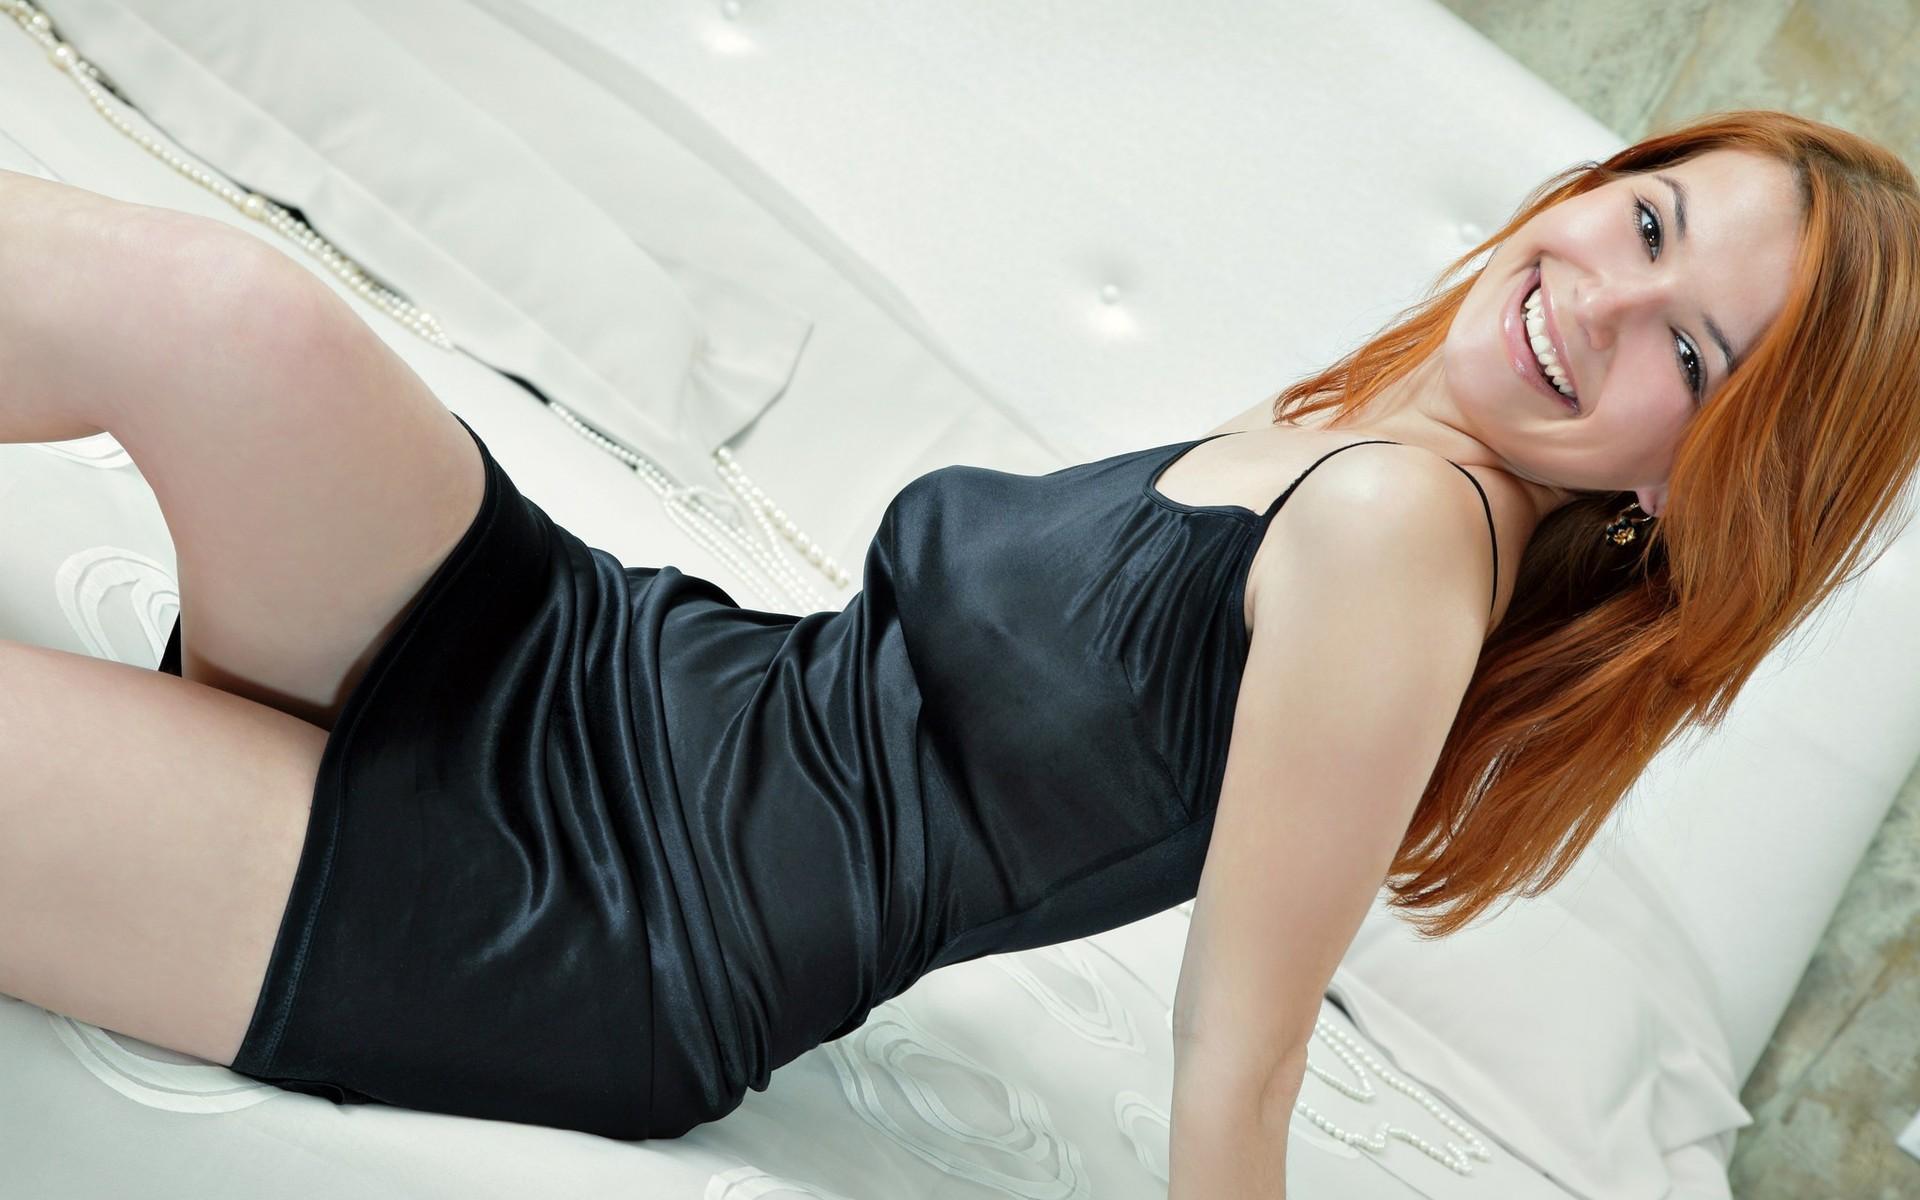 Эротические фото девушек в обтягивающем платье платье, Сексуальные платья в обтяжку - Девушки - Шняги. Нет 23 фотография